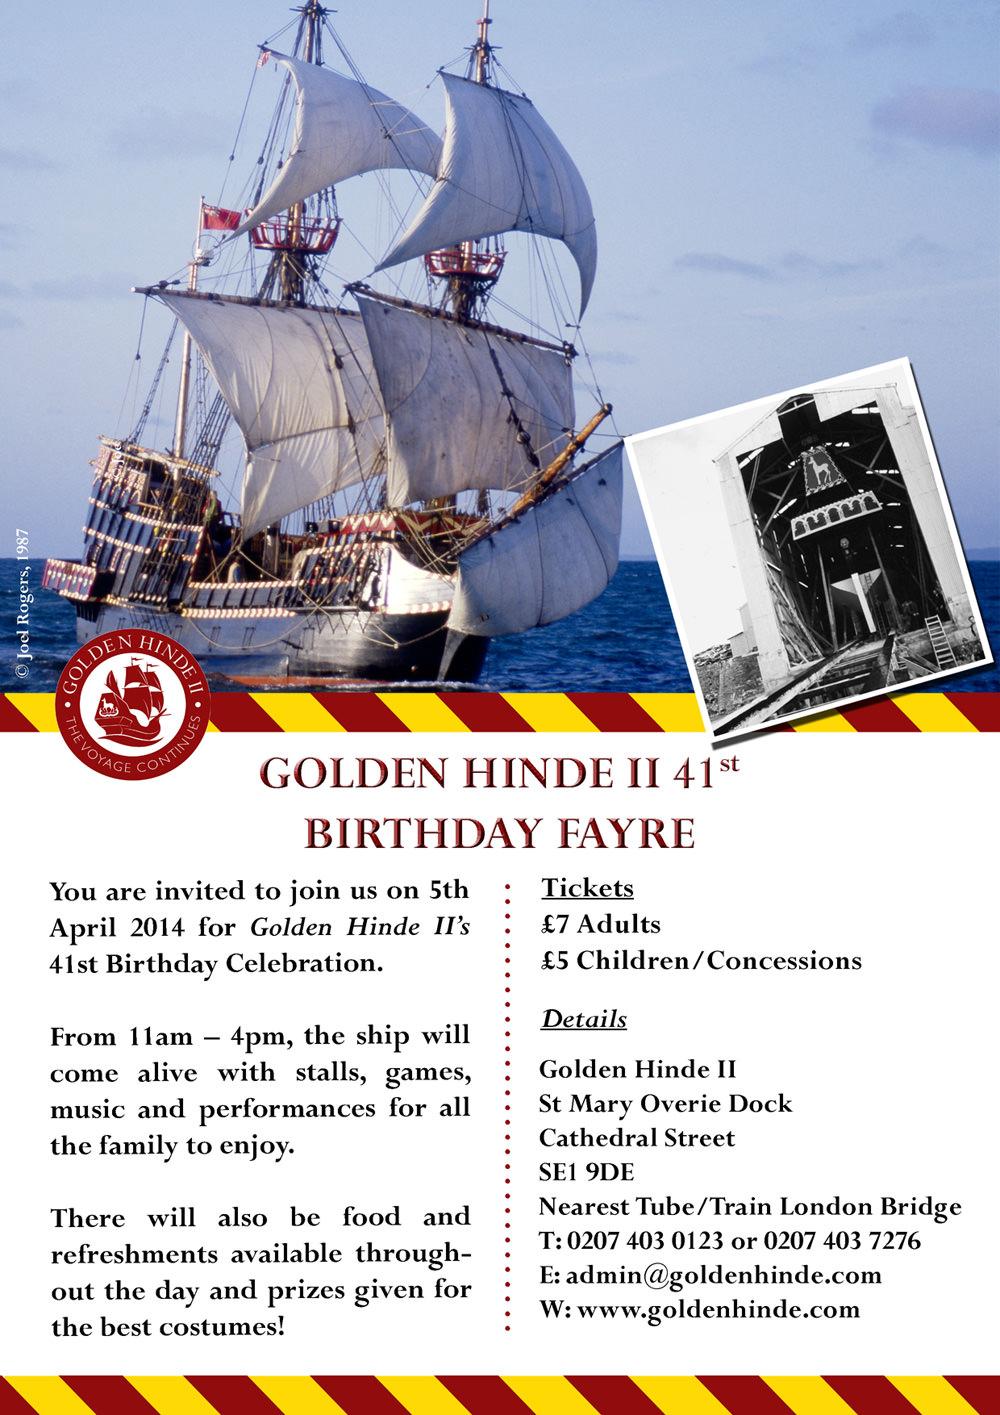 Golden Hinde II 41st Birthday